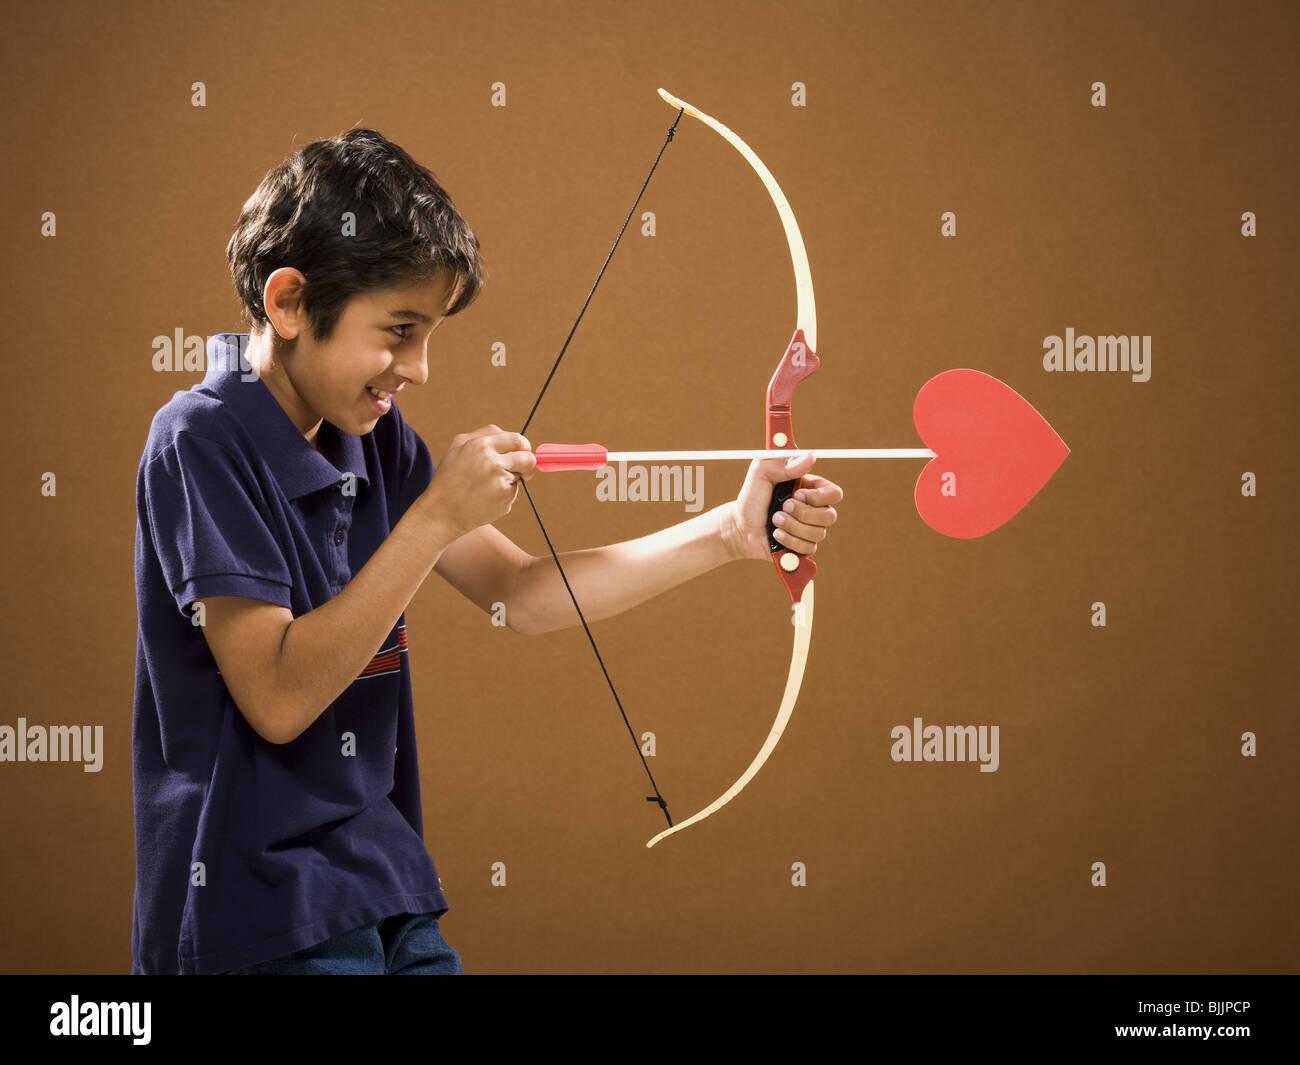 Garçon avec arc et flèche avec coeur sur elle Banque D'Images